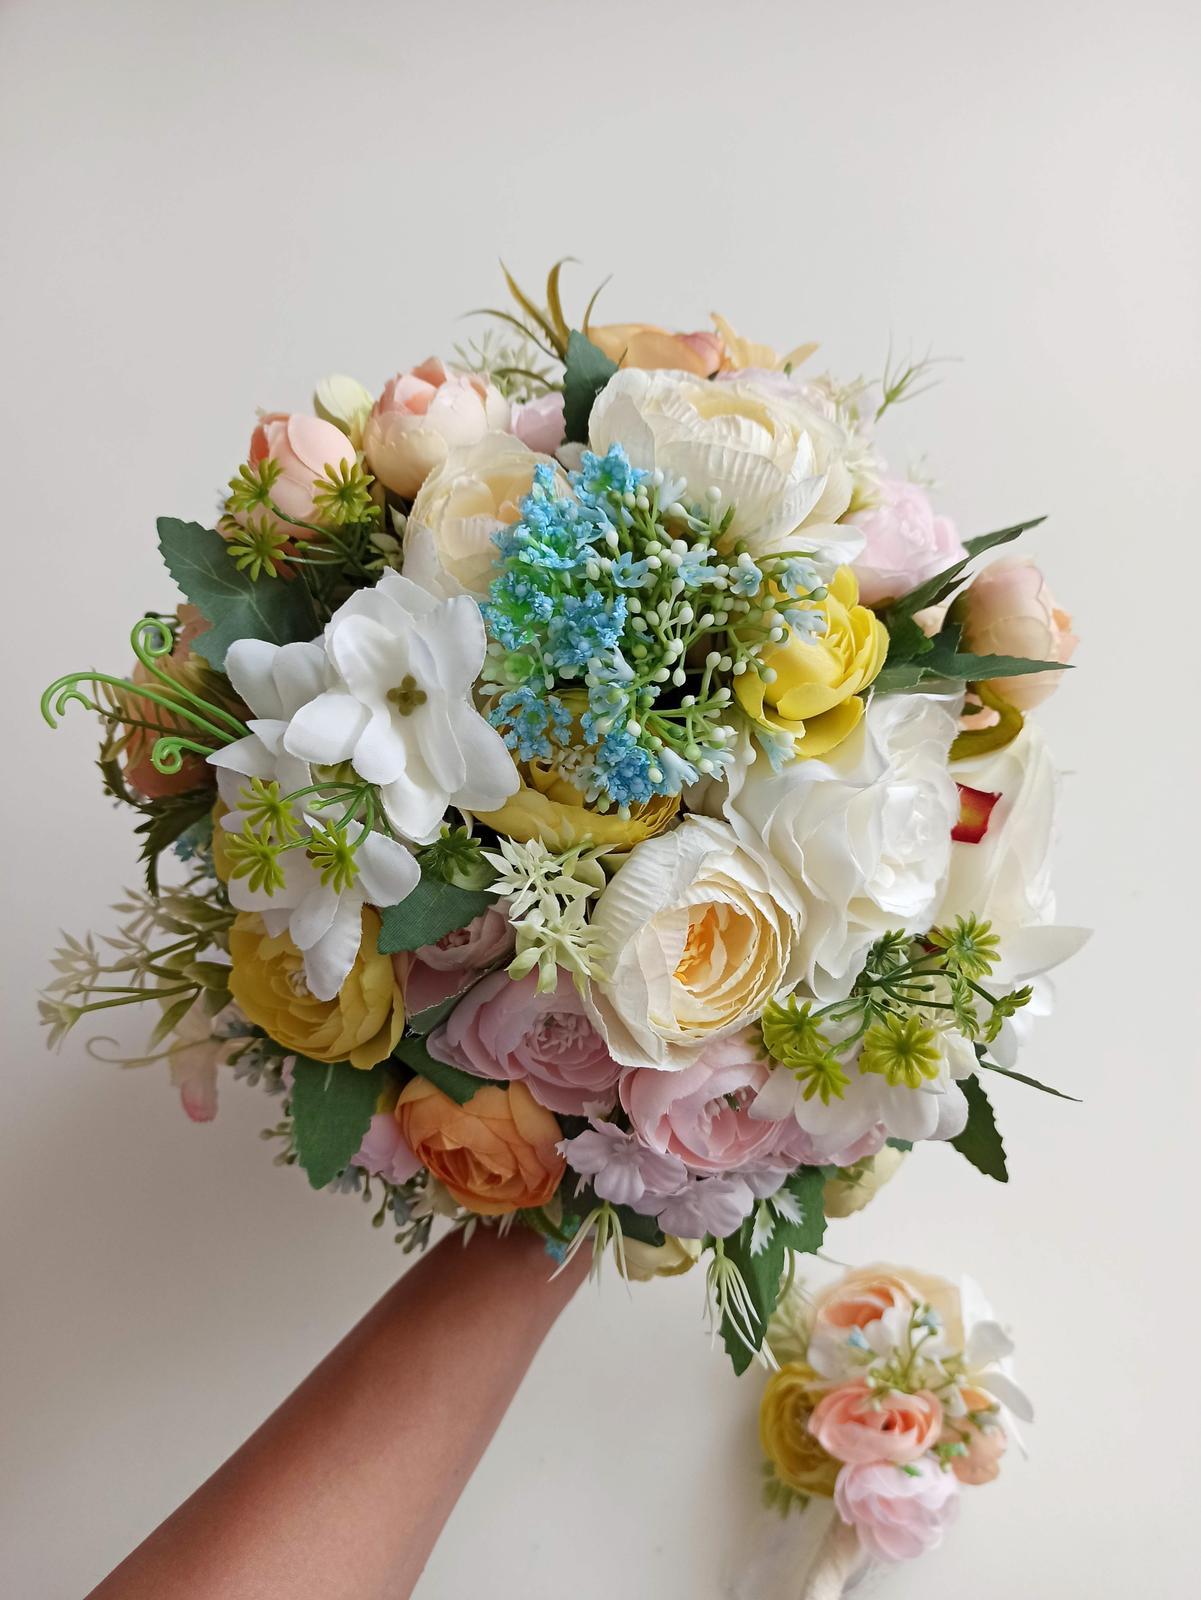 Z umelých kvetov - Obrázok č. 60